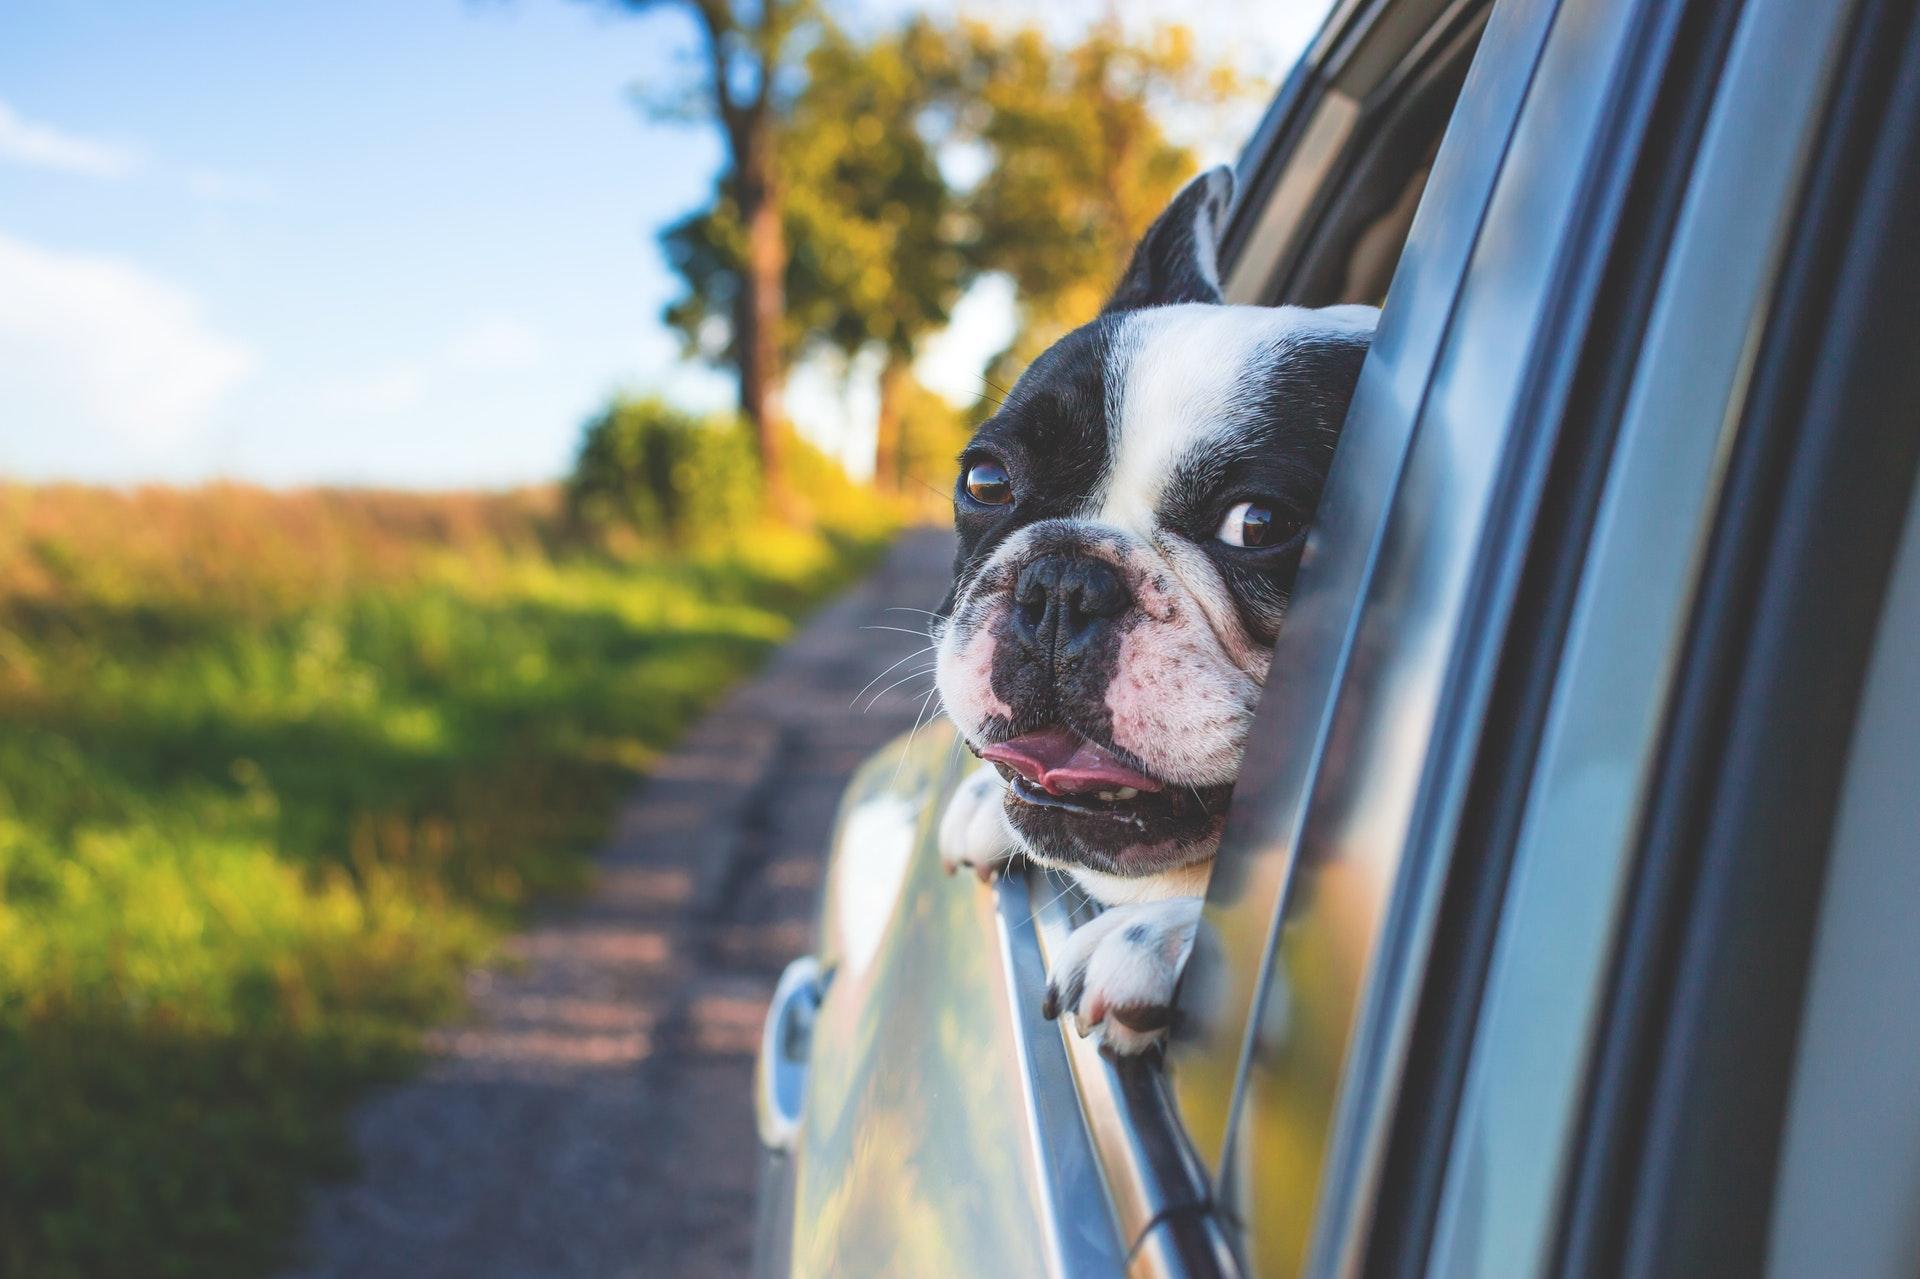 Mascota en un viaje en coche asomando la cara por la ventanilla